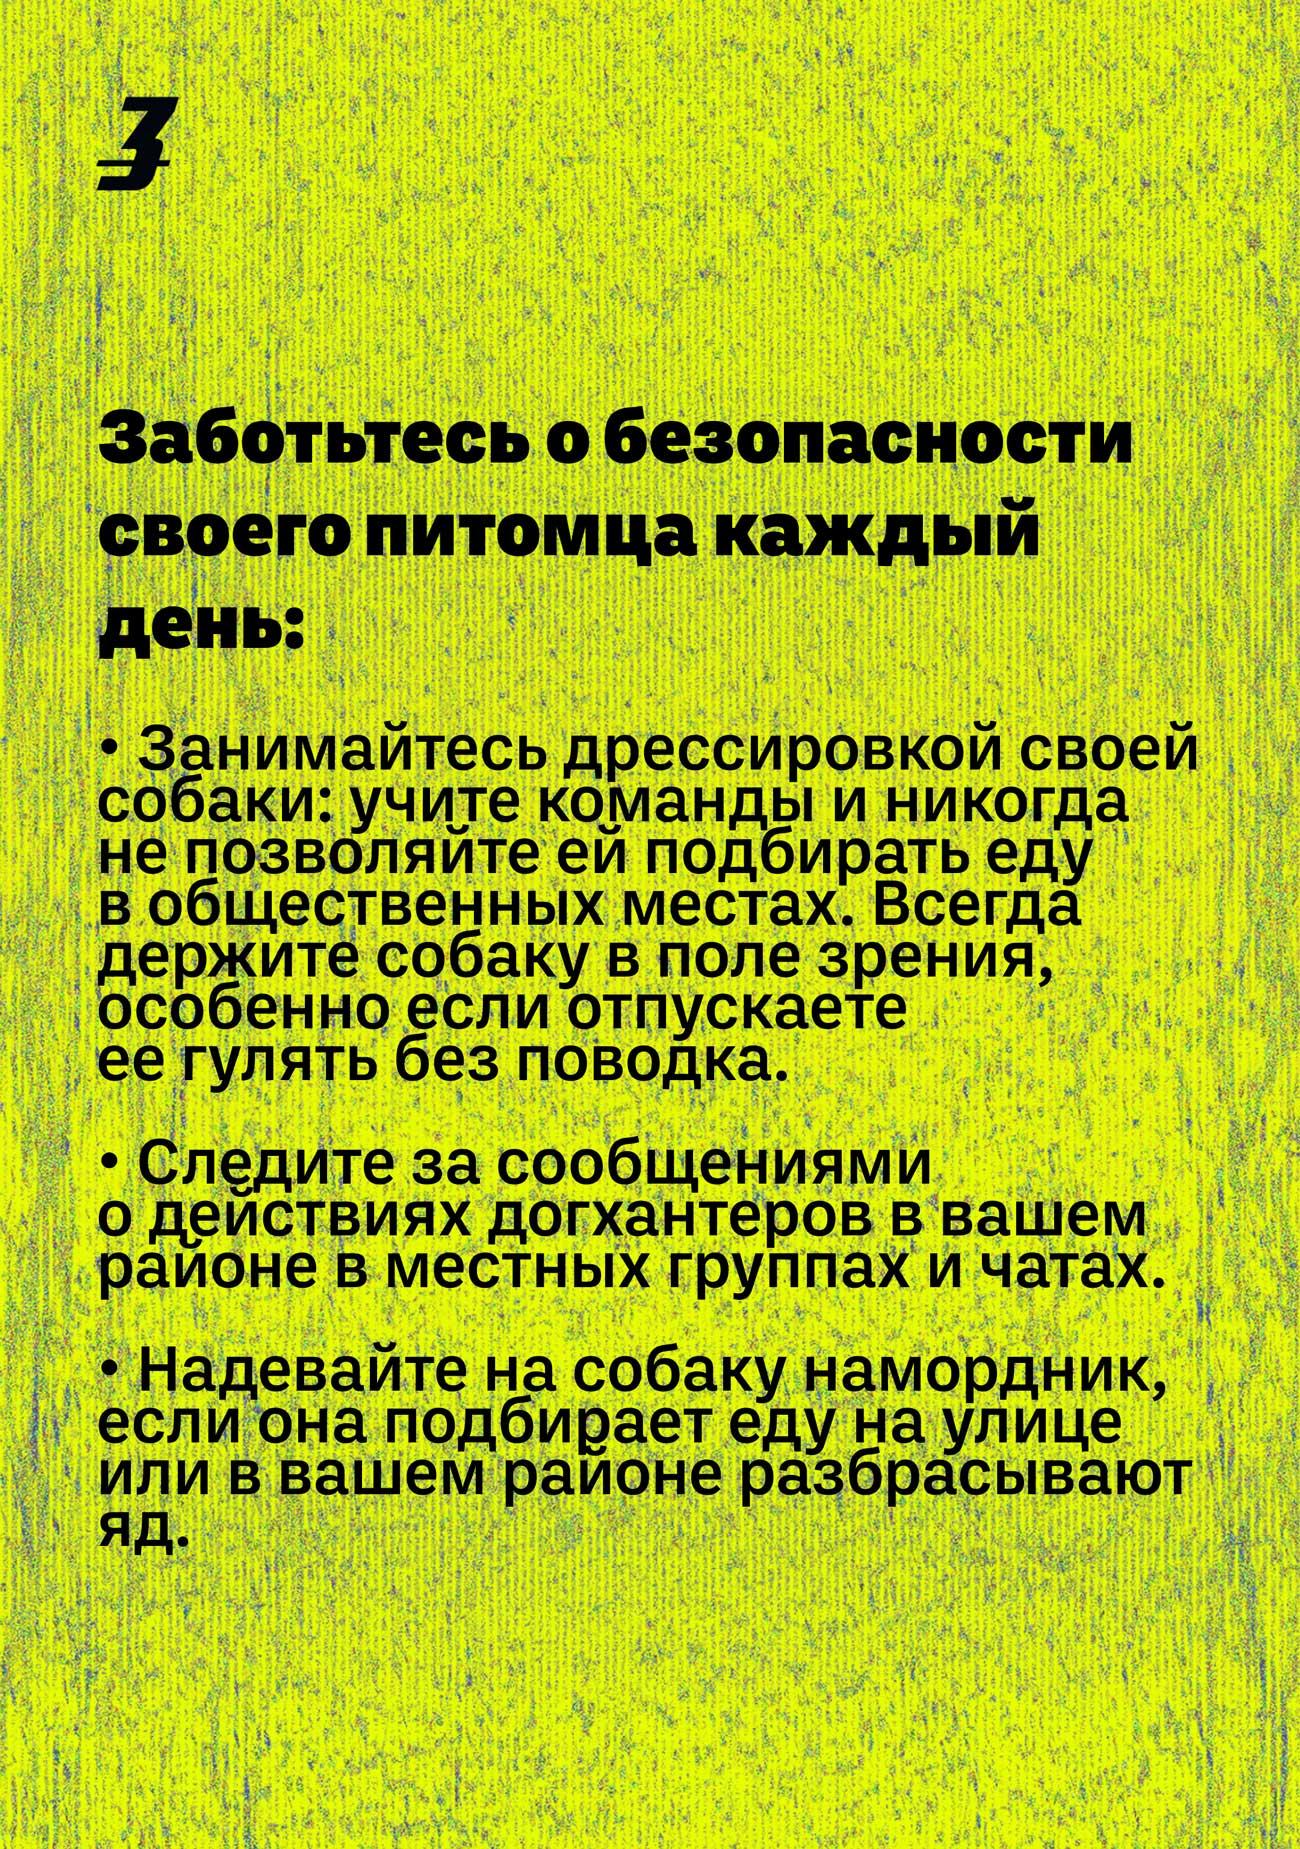 dog hunter ru 05 - <b>Кажется, мою собаку отравили.</b> Что делать? - Заборона